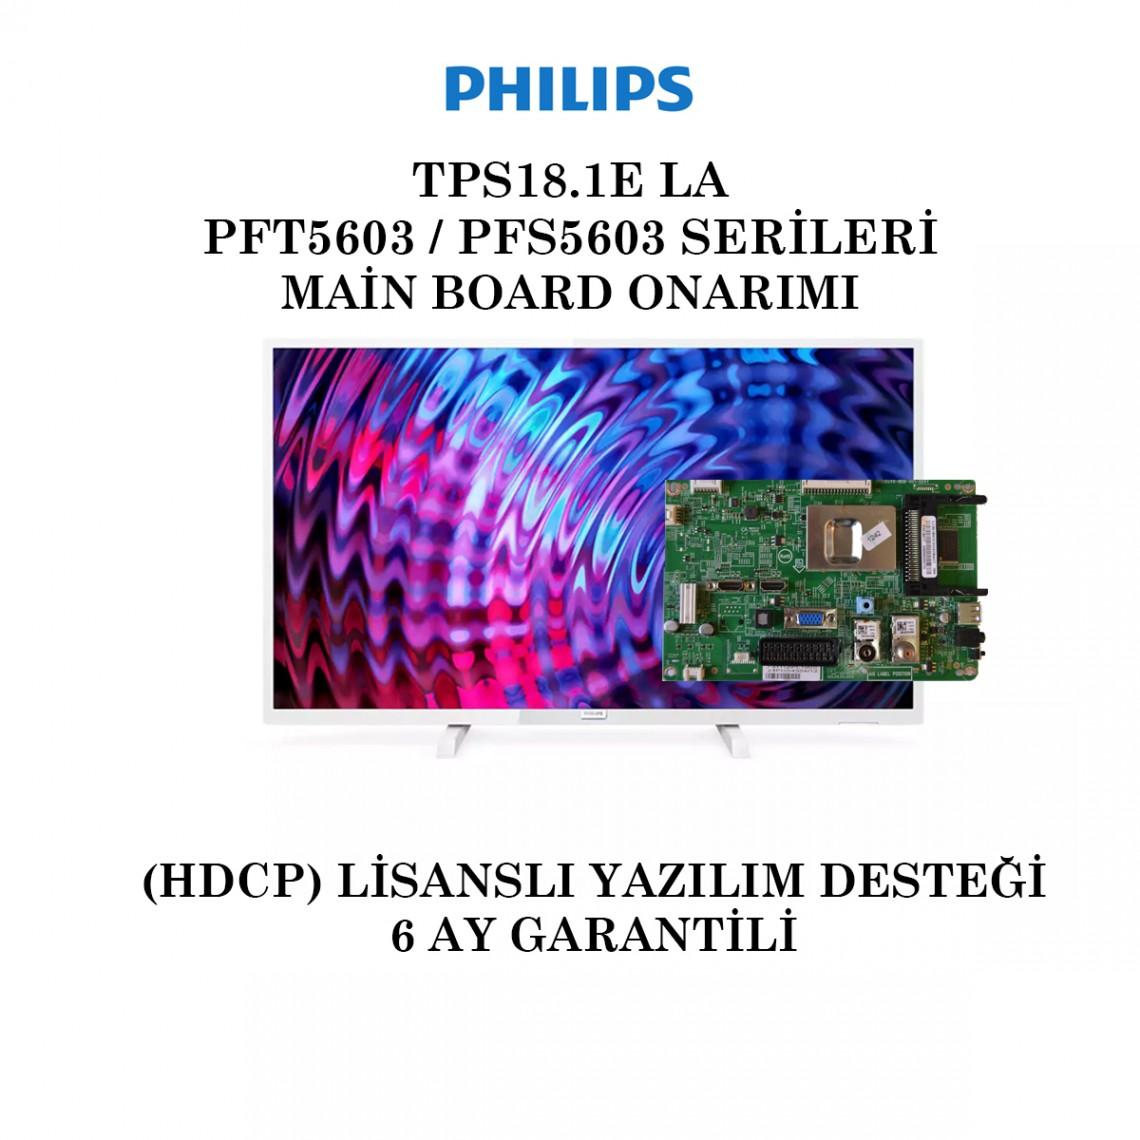 PHILIPS, TPS18.1E, 15G9249, 715G9249-M0G-000-004Y, 715G9249-M0E-000-004Y, 24PFS5603/12, 24PFT5603/05, 24PFT5603/12, 32PFS5603/12, 32PFT5603/05, 32PFT5603/12, Main Board Onarımı